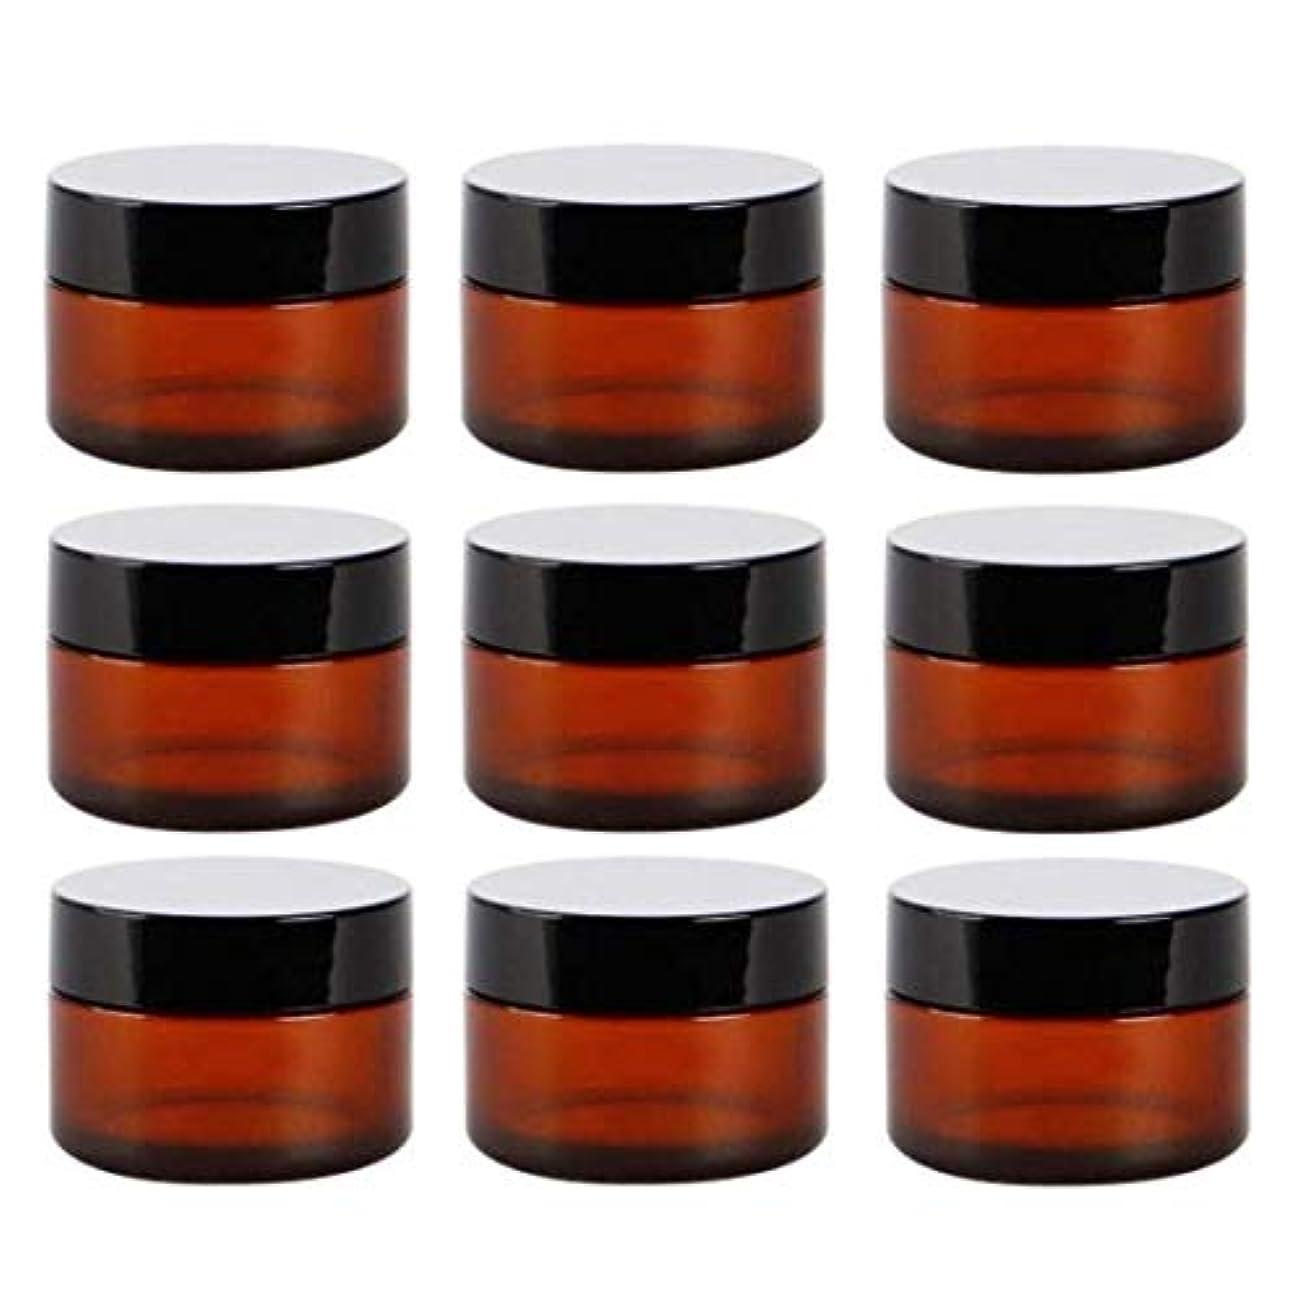 振り返るモジュール深くアロマオイル 精油 香水やアロマの保存 小分け用 遮光瓶 詰替え ガラス製 9本セット茶色10g